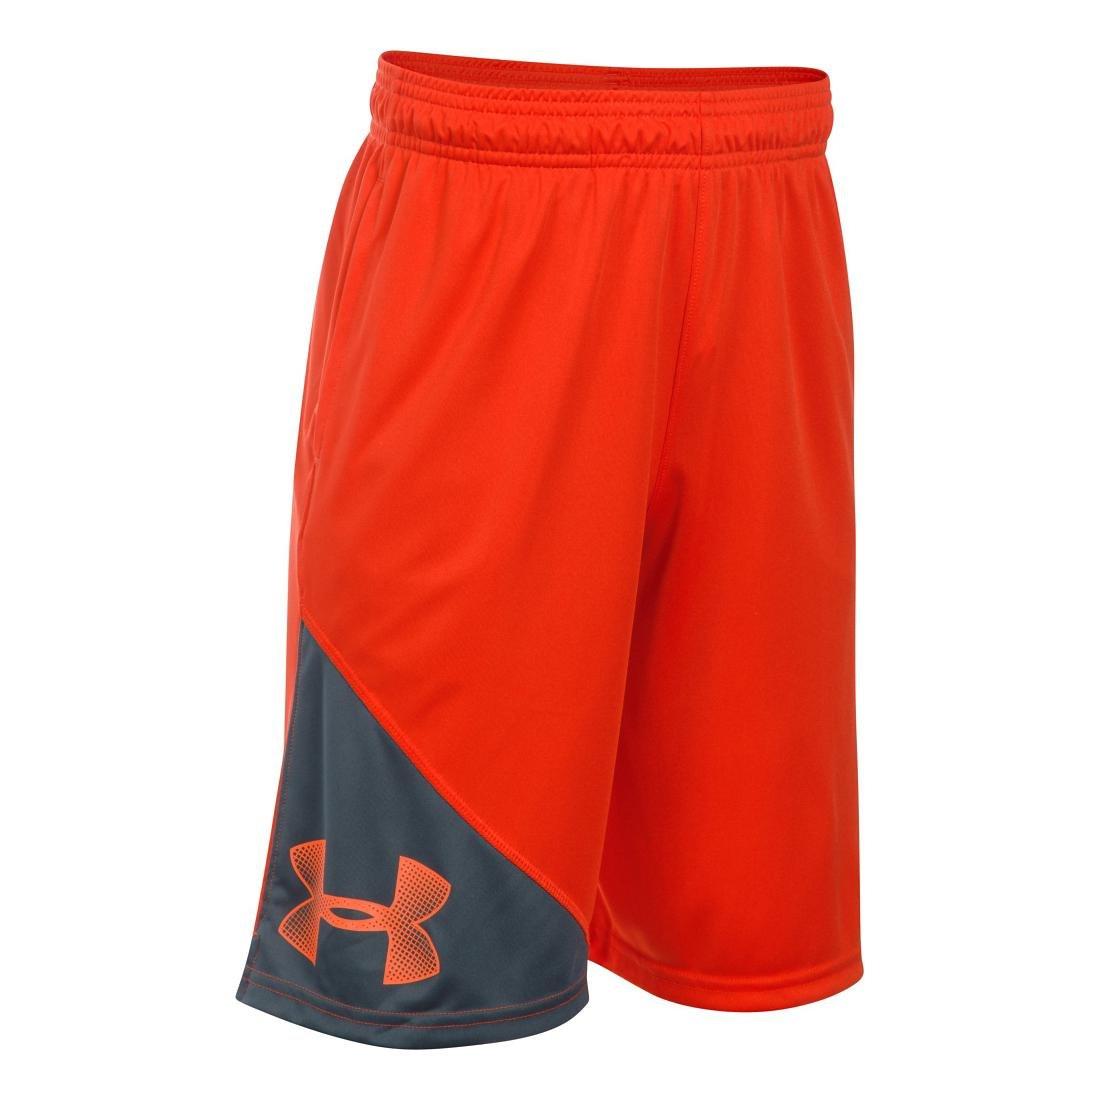 Under Armour Boys' Tech Shorts Under Armour Apparel 1271893